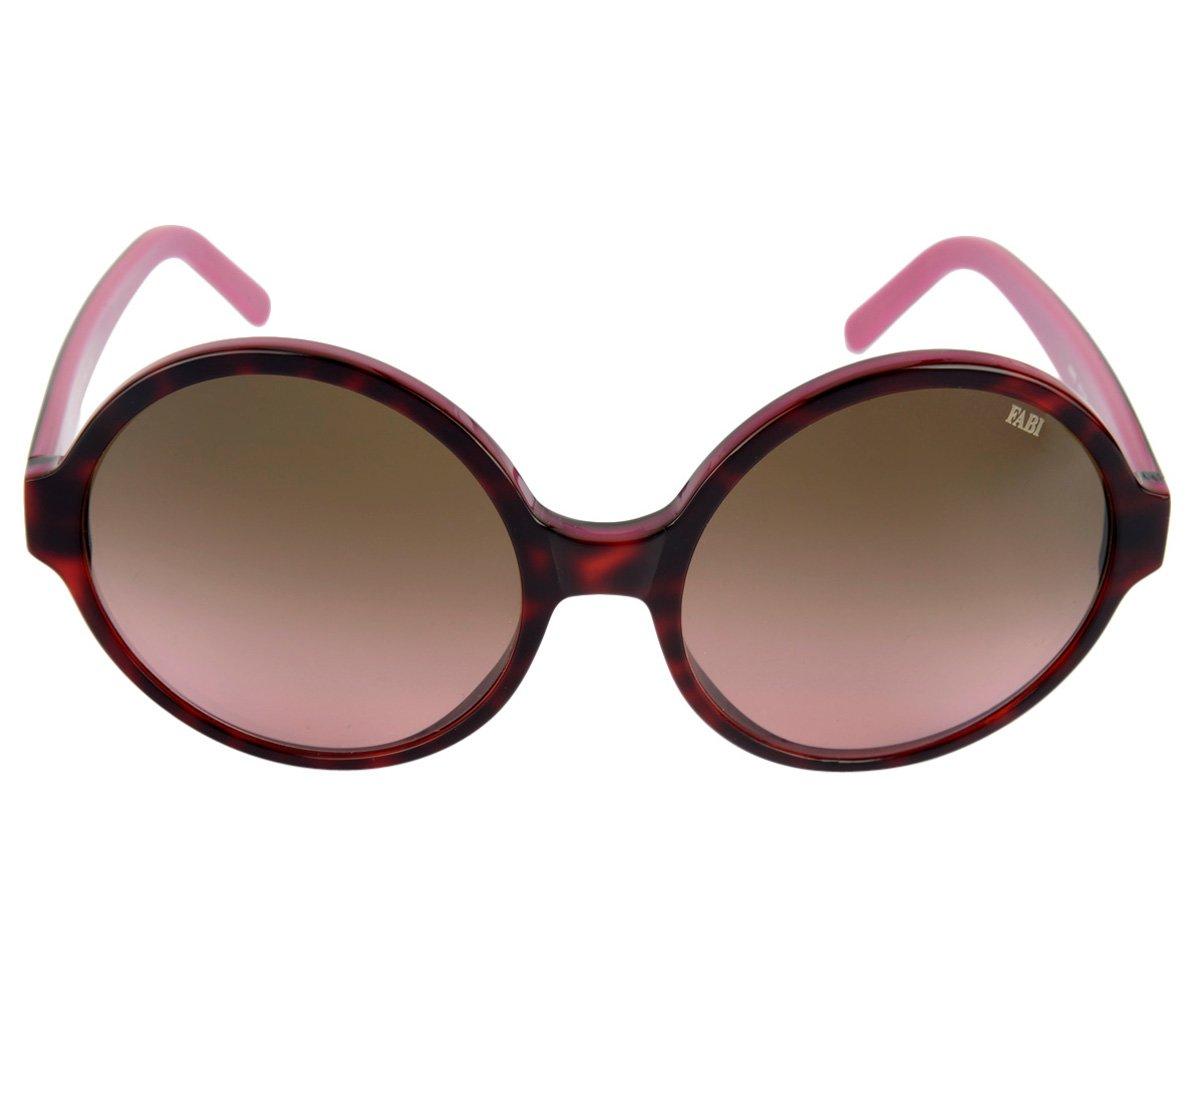 Occhiale Anne rosa